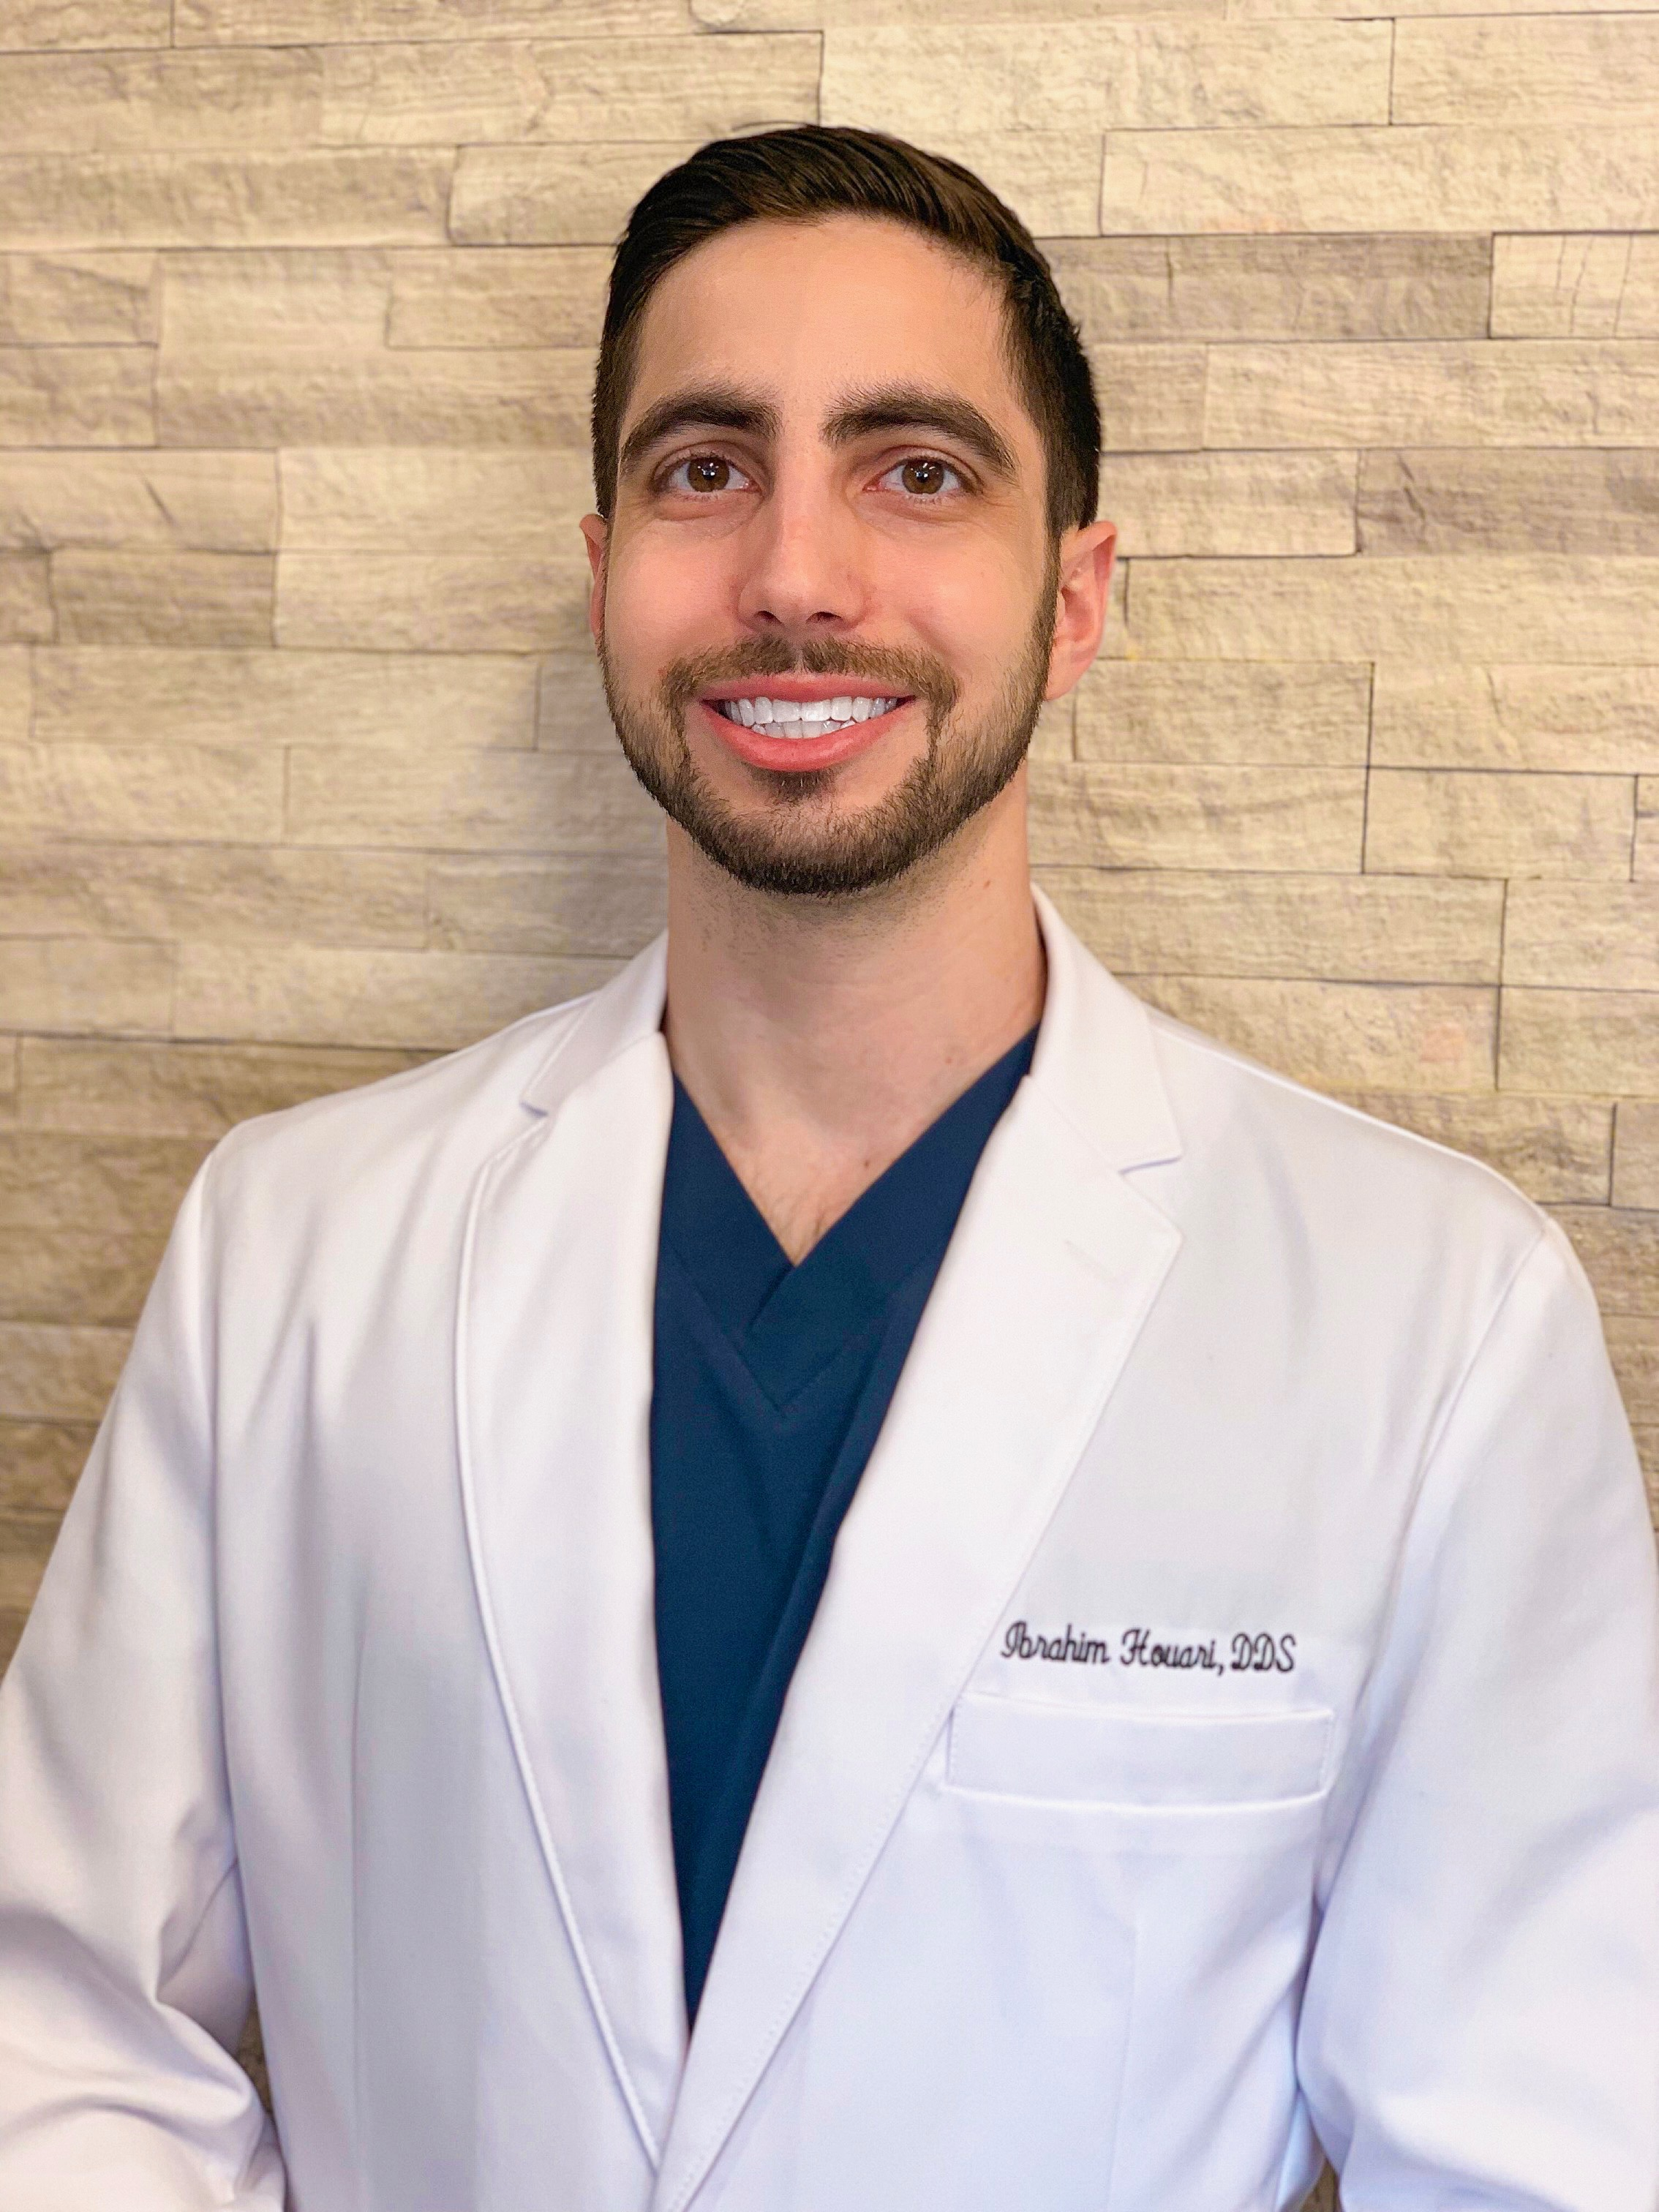 Dr. Ibrahim Hoauri